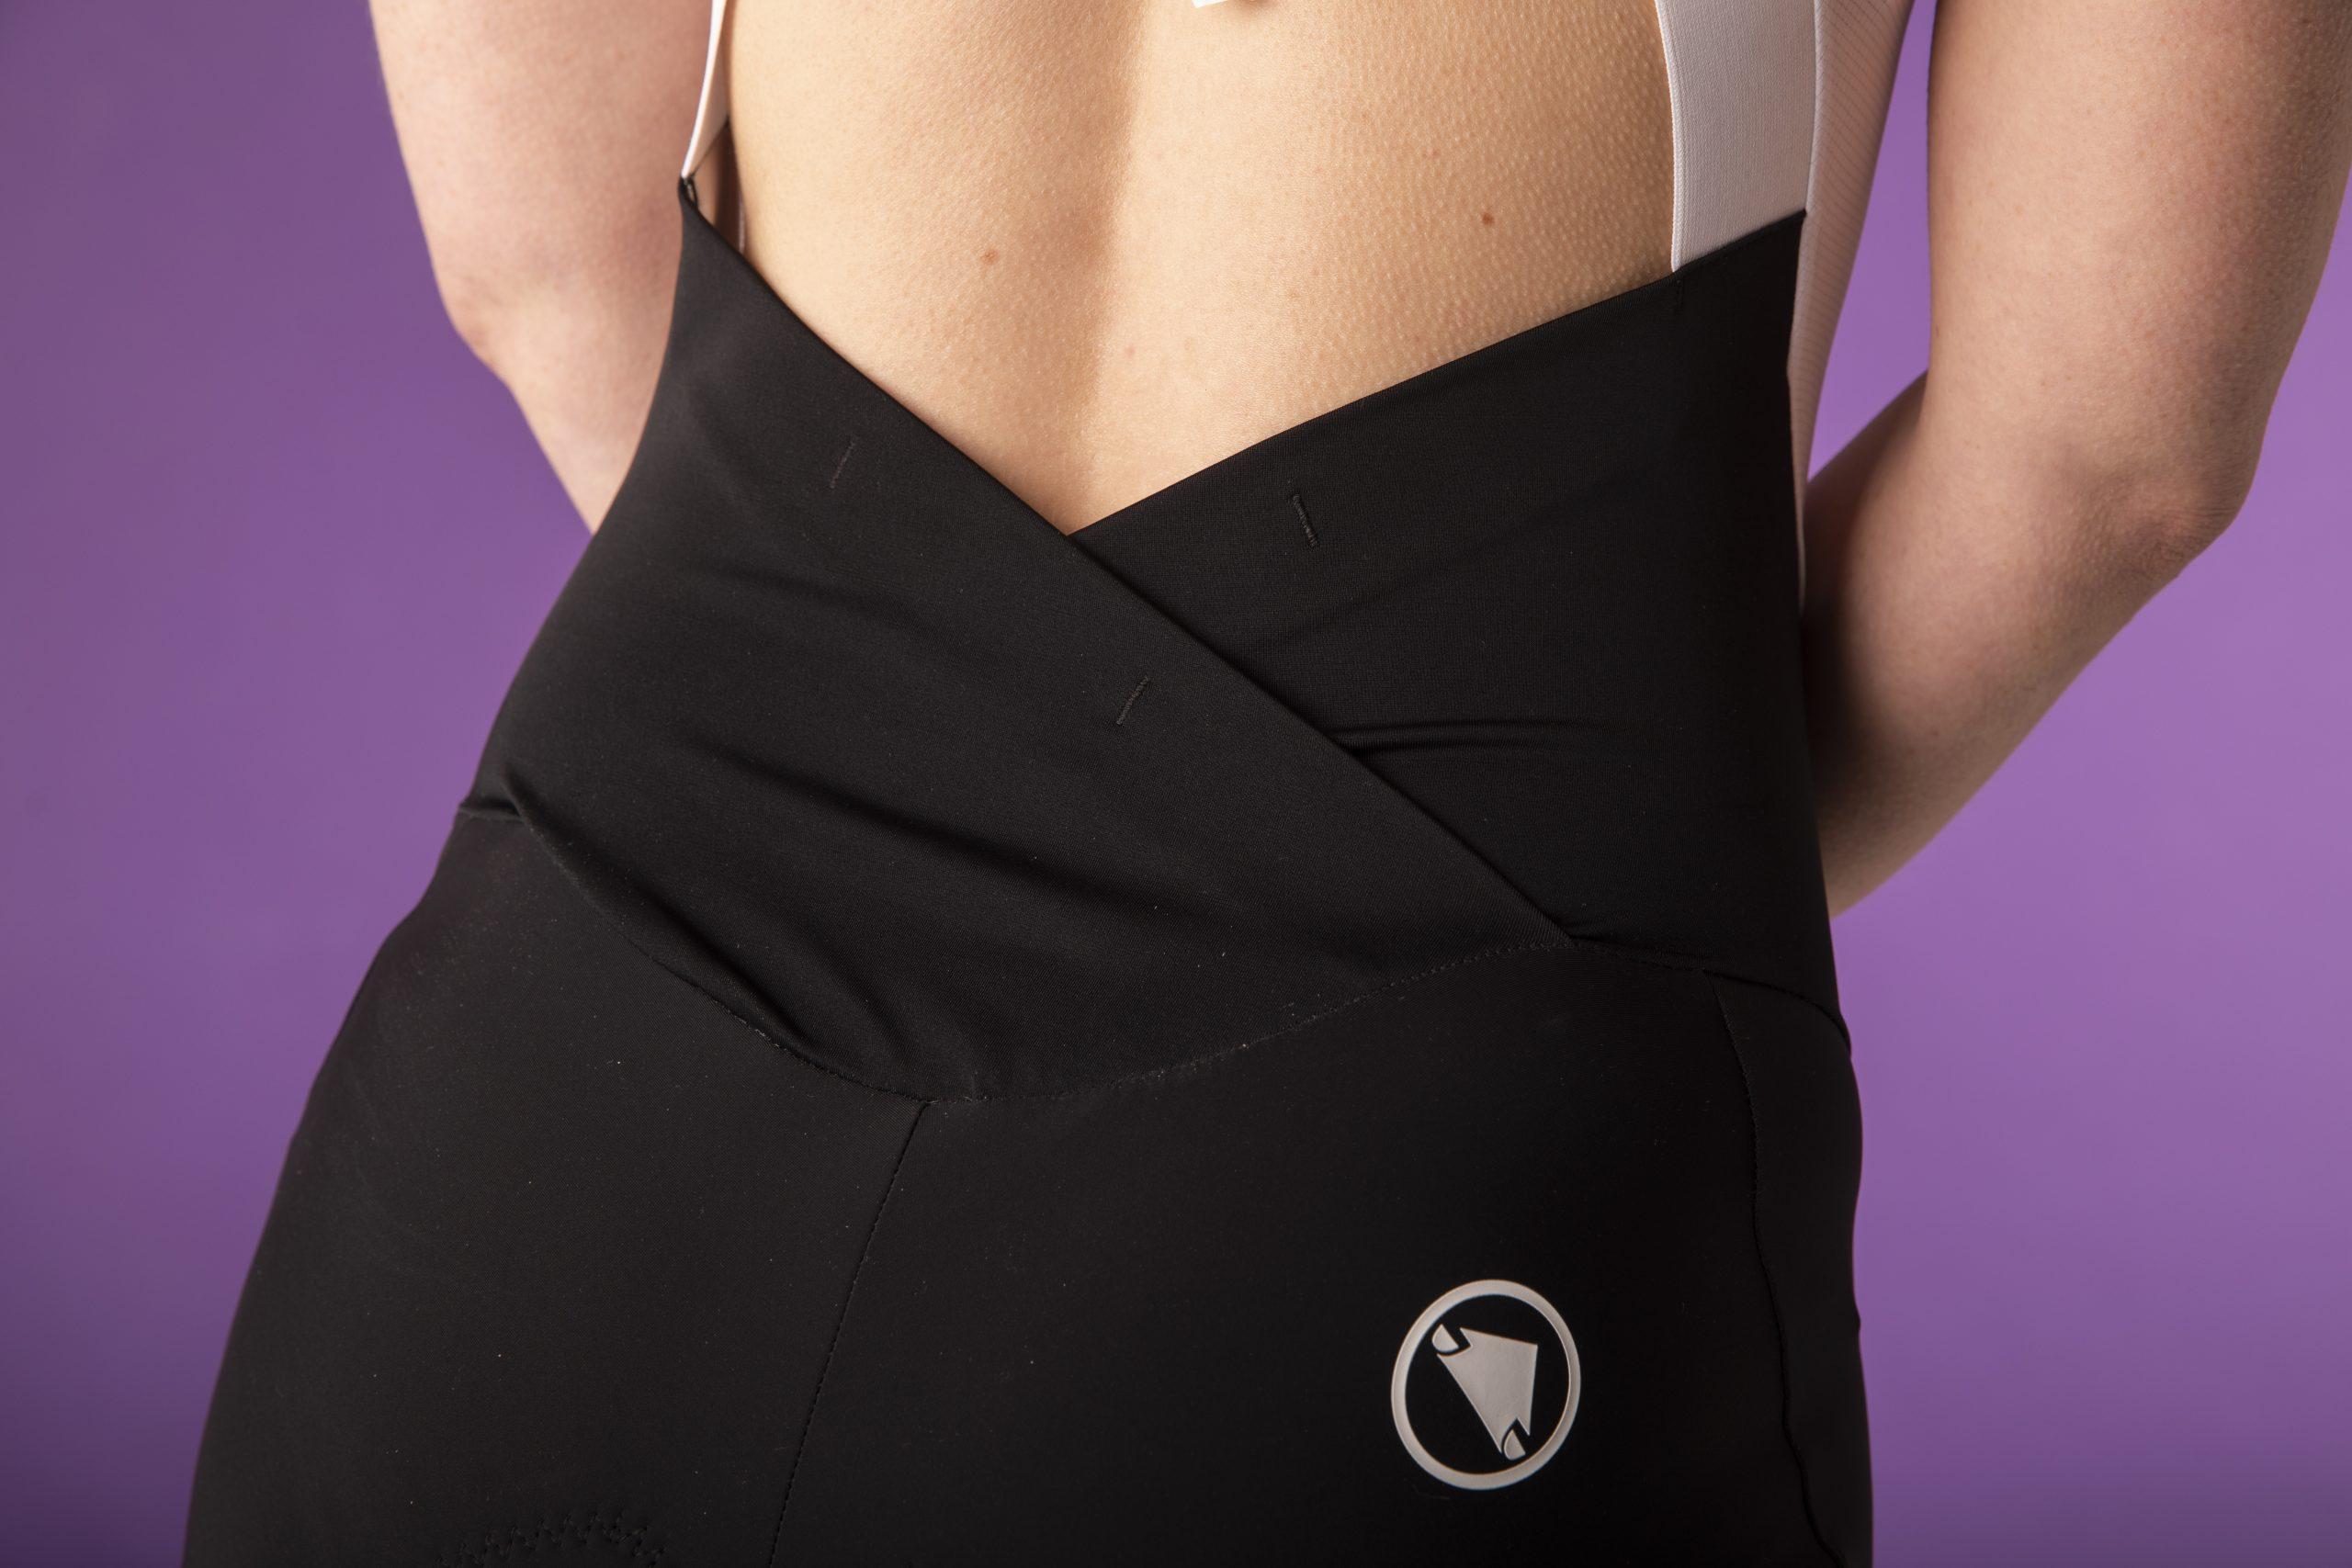 Endura Women's Pro SL EGM bib shorts